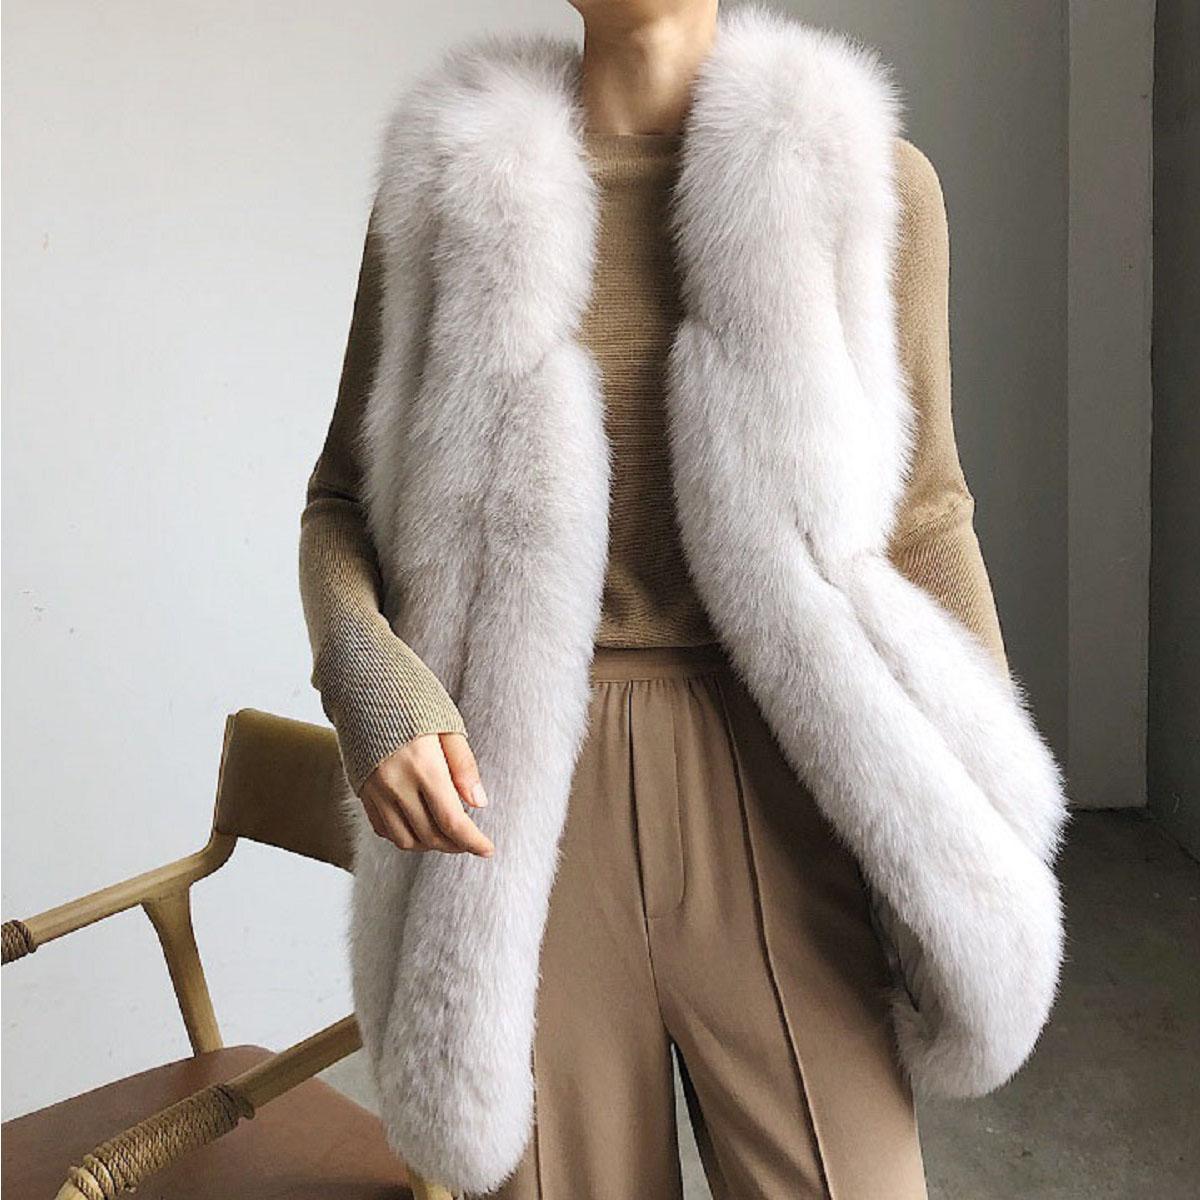 OFTBUY 2020 Gilet Manteau en fourrure réel Veste d'hiver Femmes Fox fourrure naturelle vêtement chaud épais Nouveau mode Waistwear Luxe